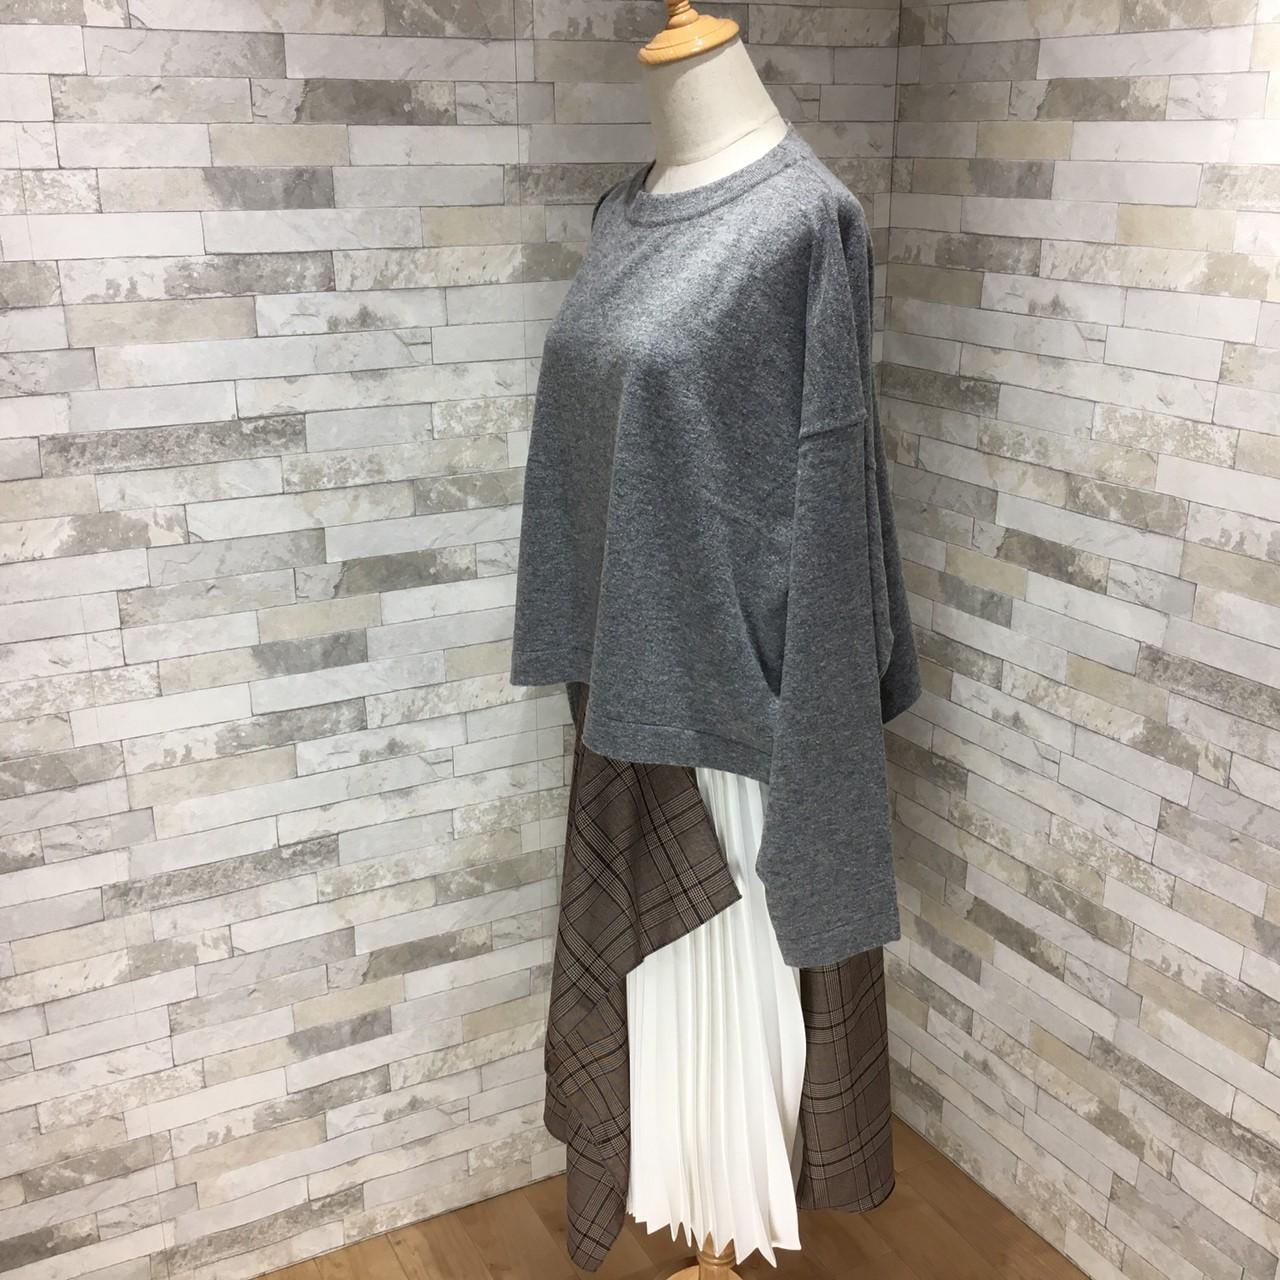 【即納】韓国 ファッション トップス ニット セーター 秋 冬 カジュアル SPTXH221  ビッグシルエット リブ ベーシック 着回し オルチャン シンプル 定番 セレカジの写真17枚目